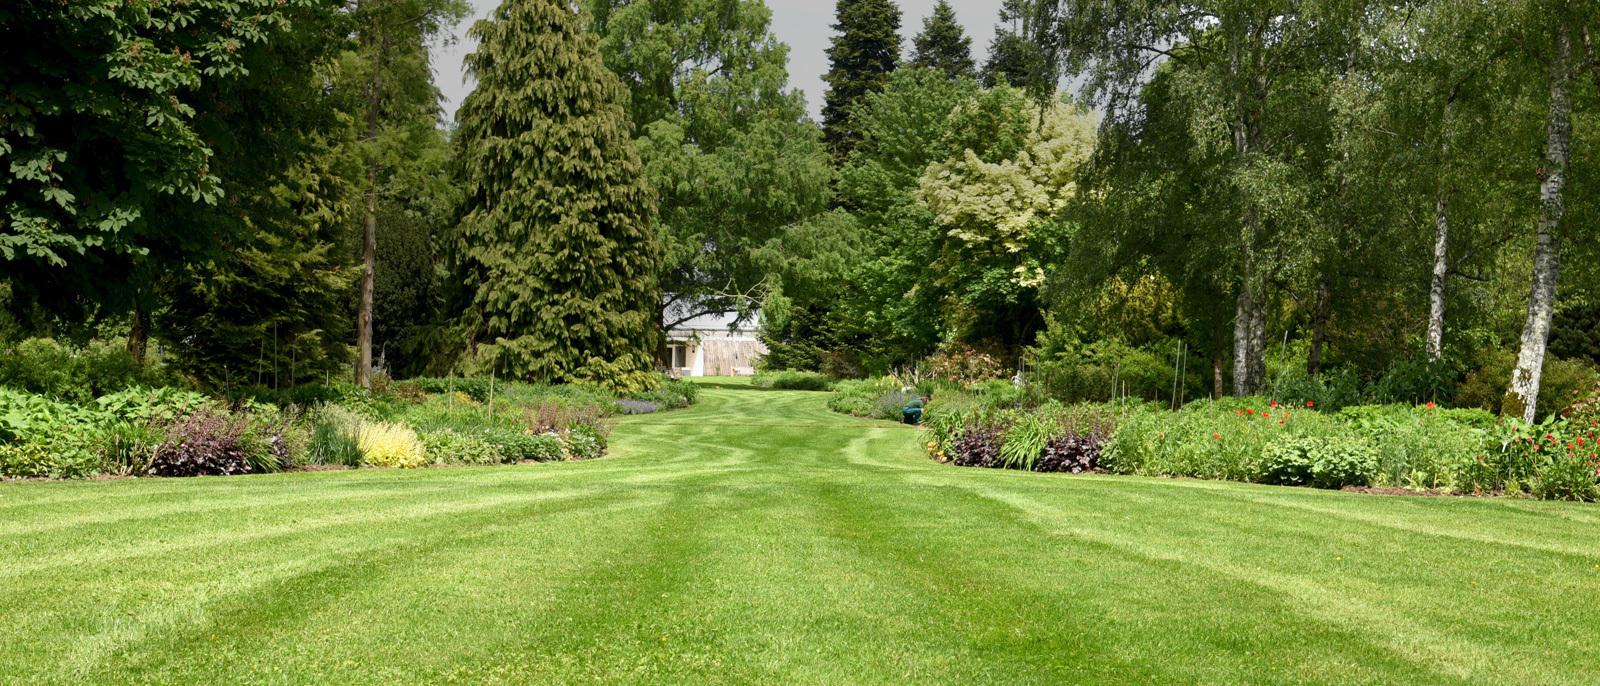 Achetez Tout Pour Votre Jardin & L'extérieur En Ligne encequiconcerne Incinérateur De Jardin Brico Depot